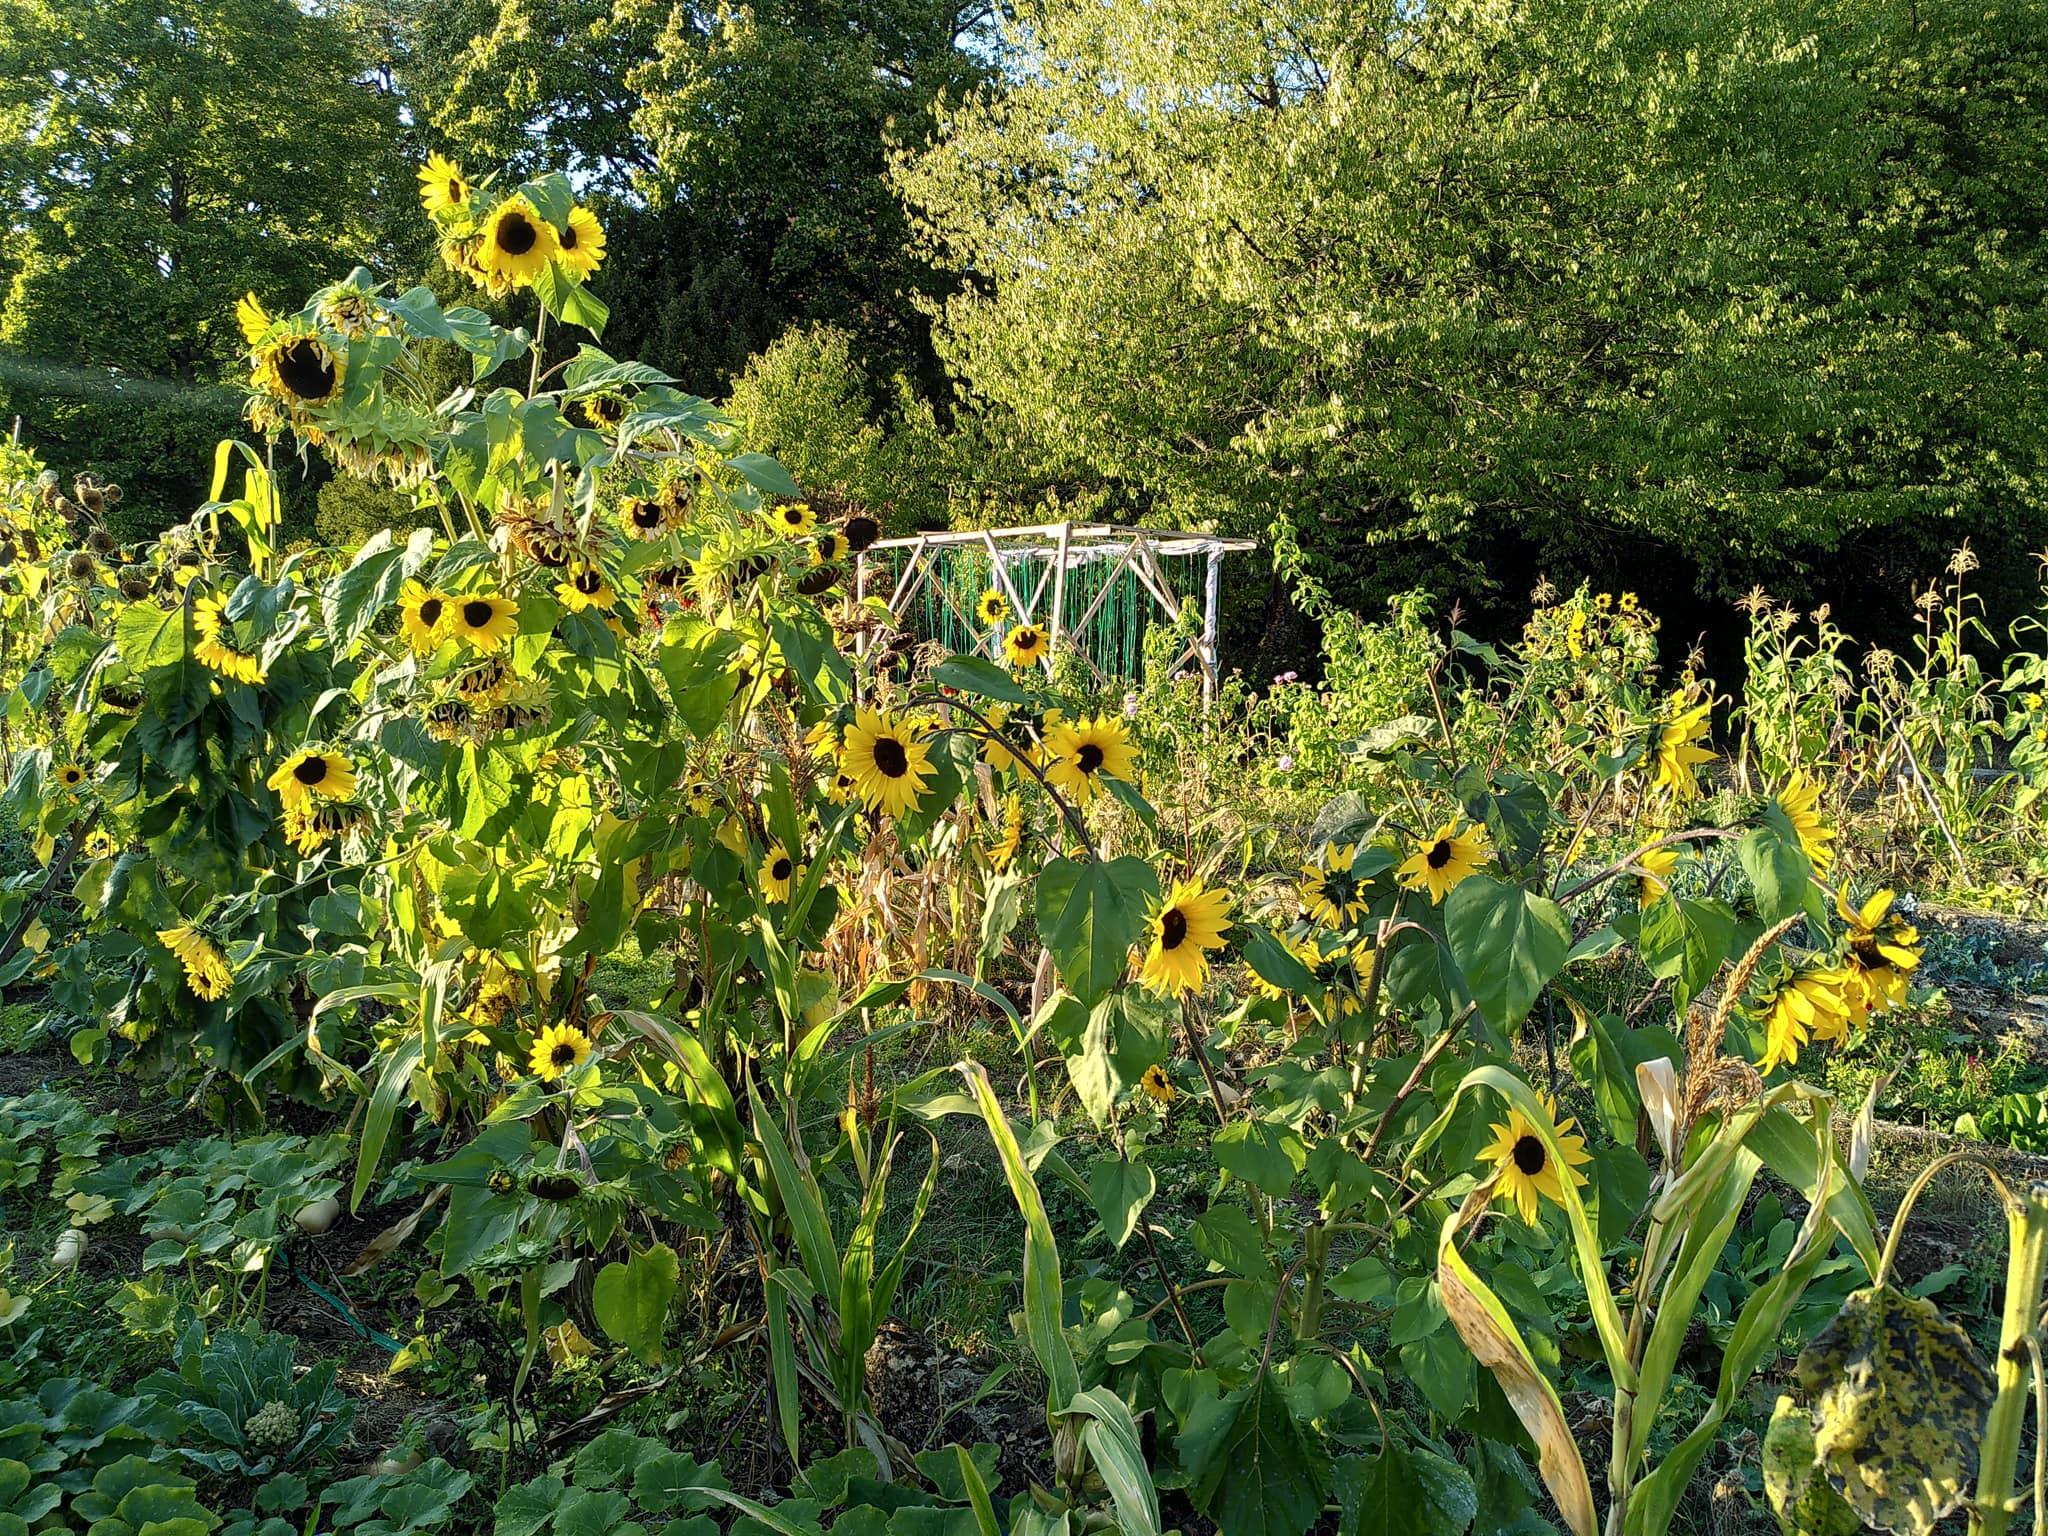 Khu vườn 400m² trăm loại cây đua nhau xanh tốt gắn kết tình yêu của hai cử nhân bỏ phố về quê - Ảnh 5.